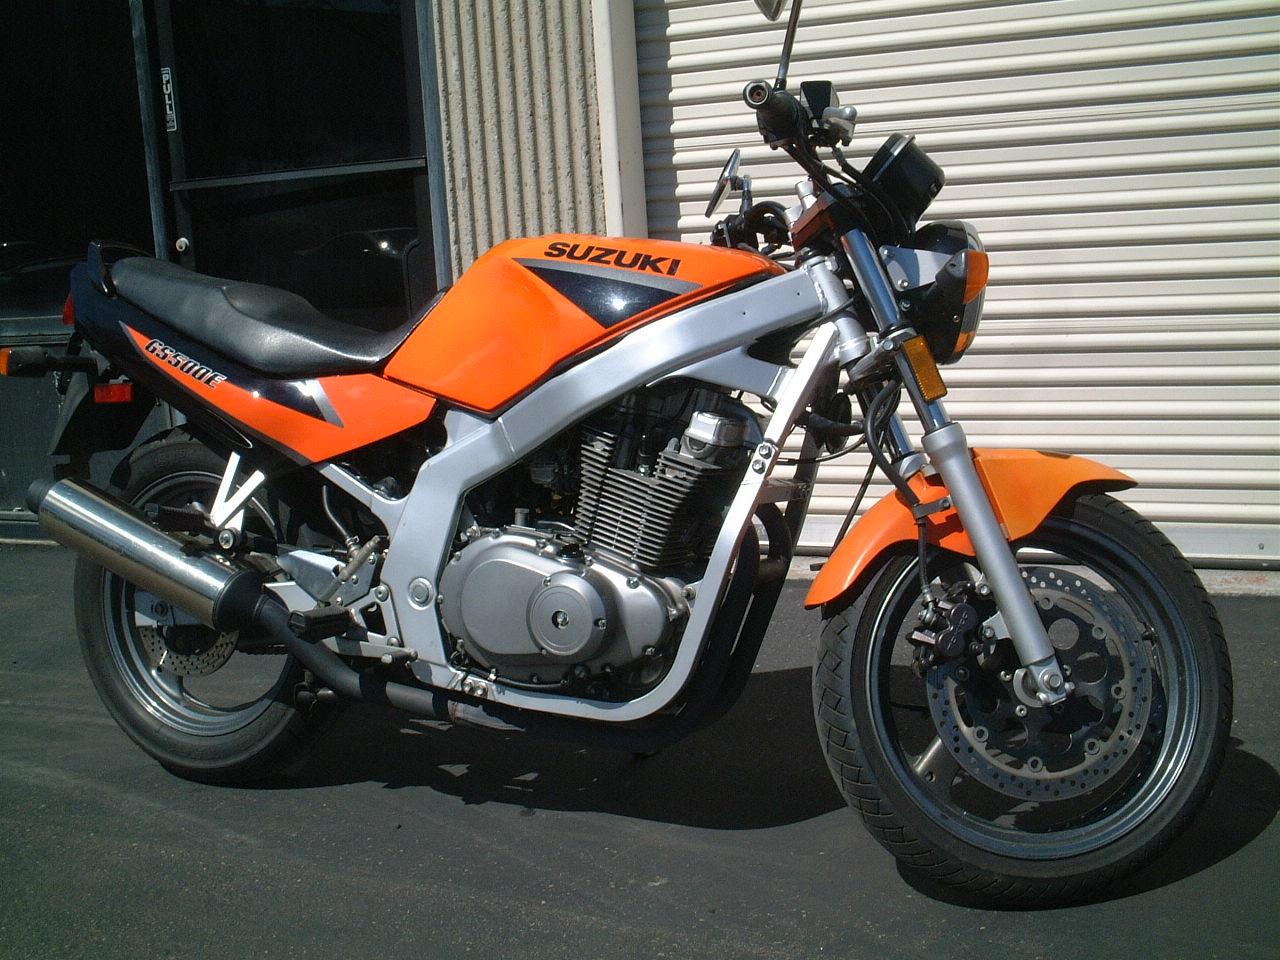 suzuki motorbikespecs motorcycle specification database